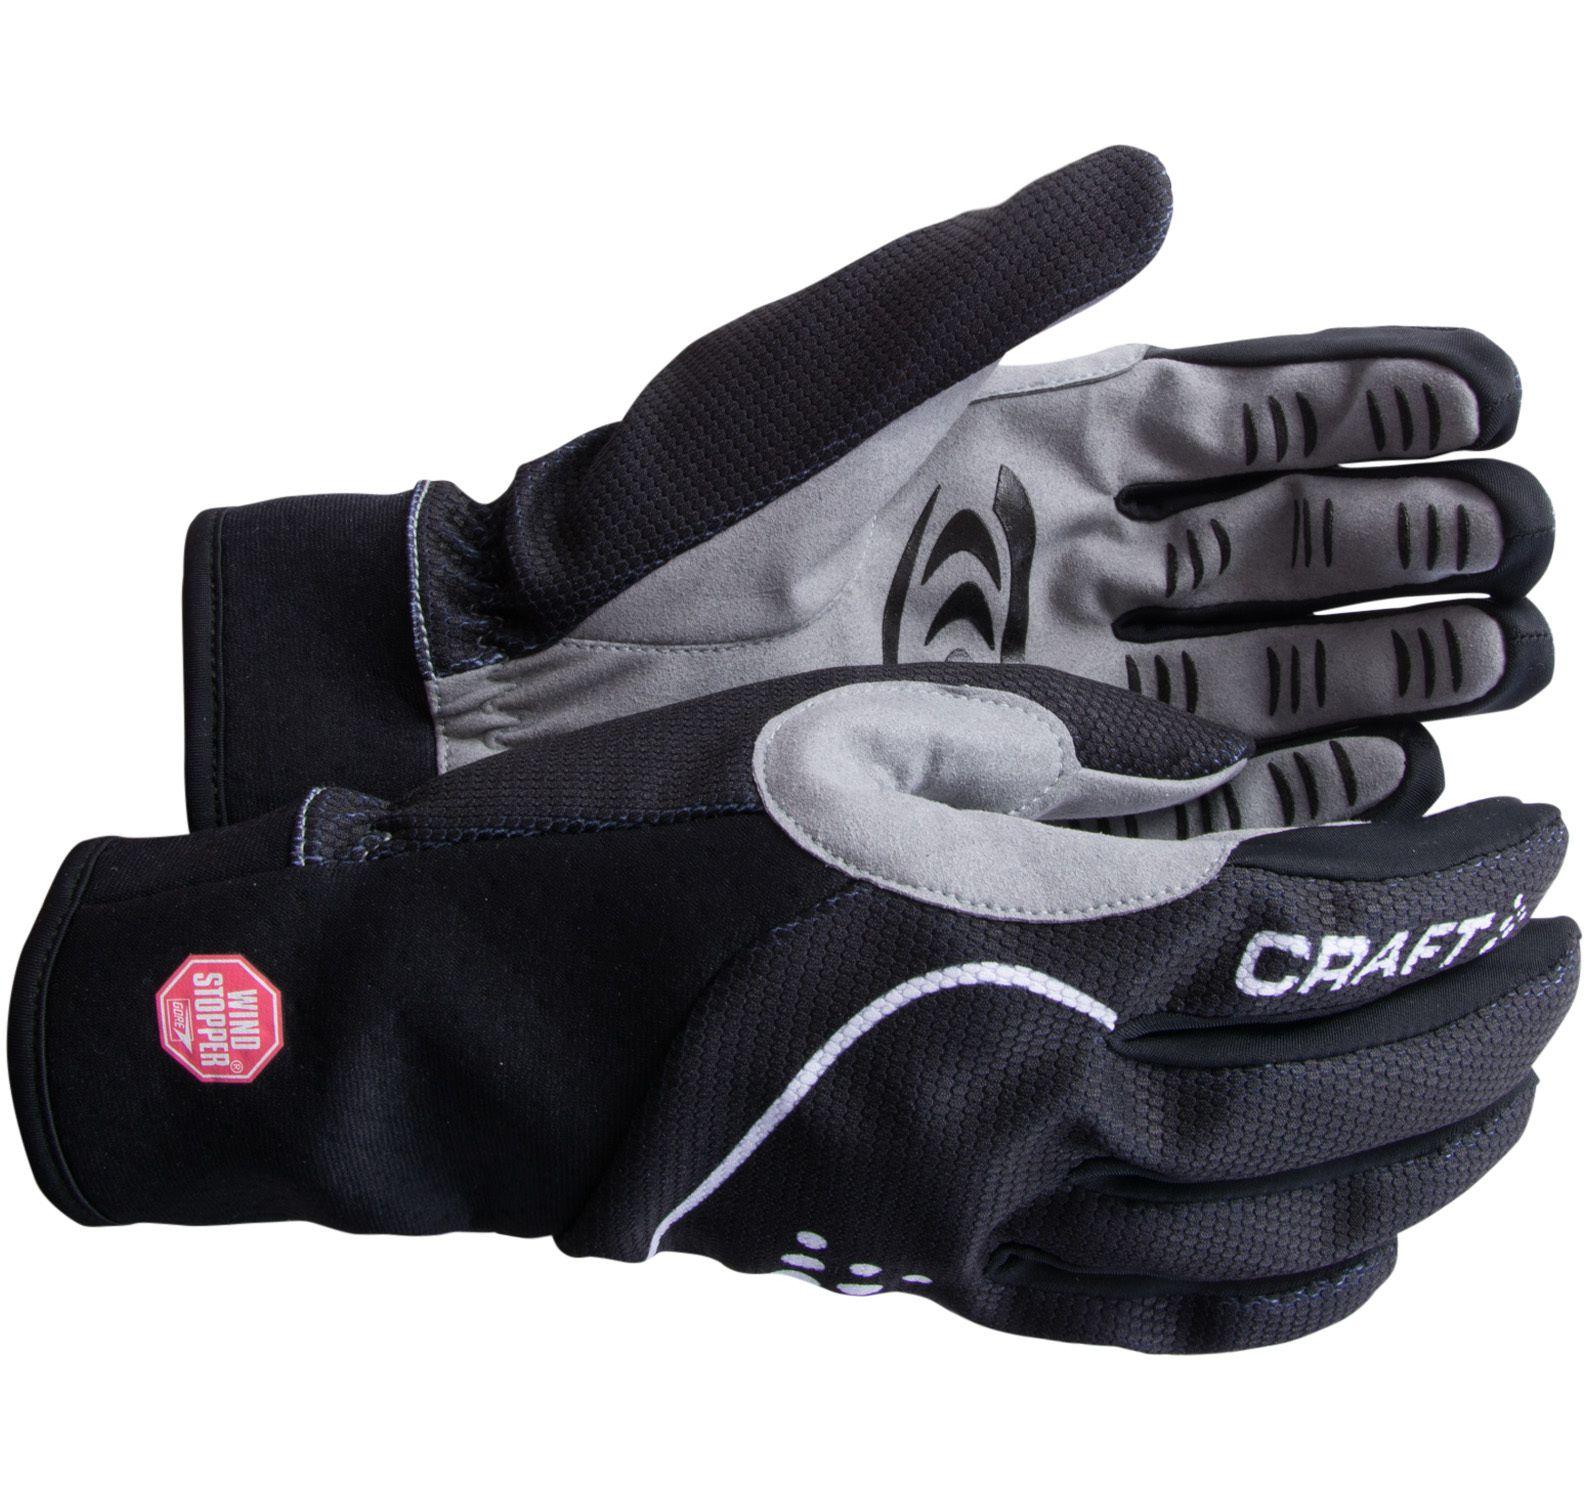 Power Ws Glove, Black/White, 10,  Craft